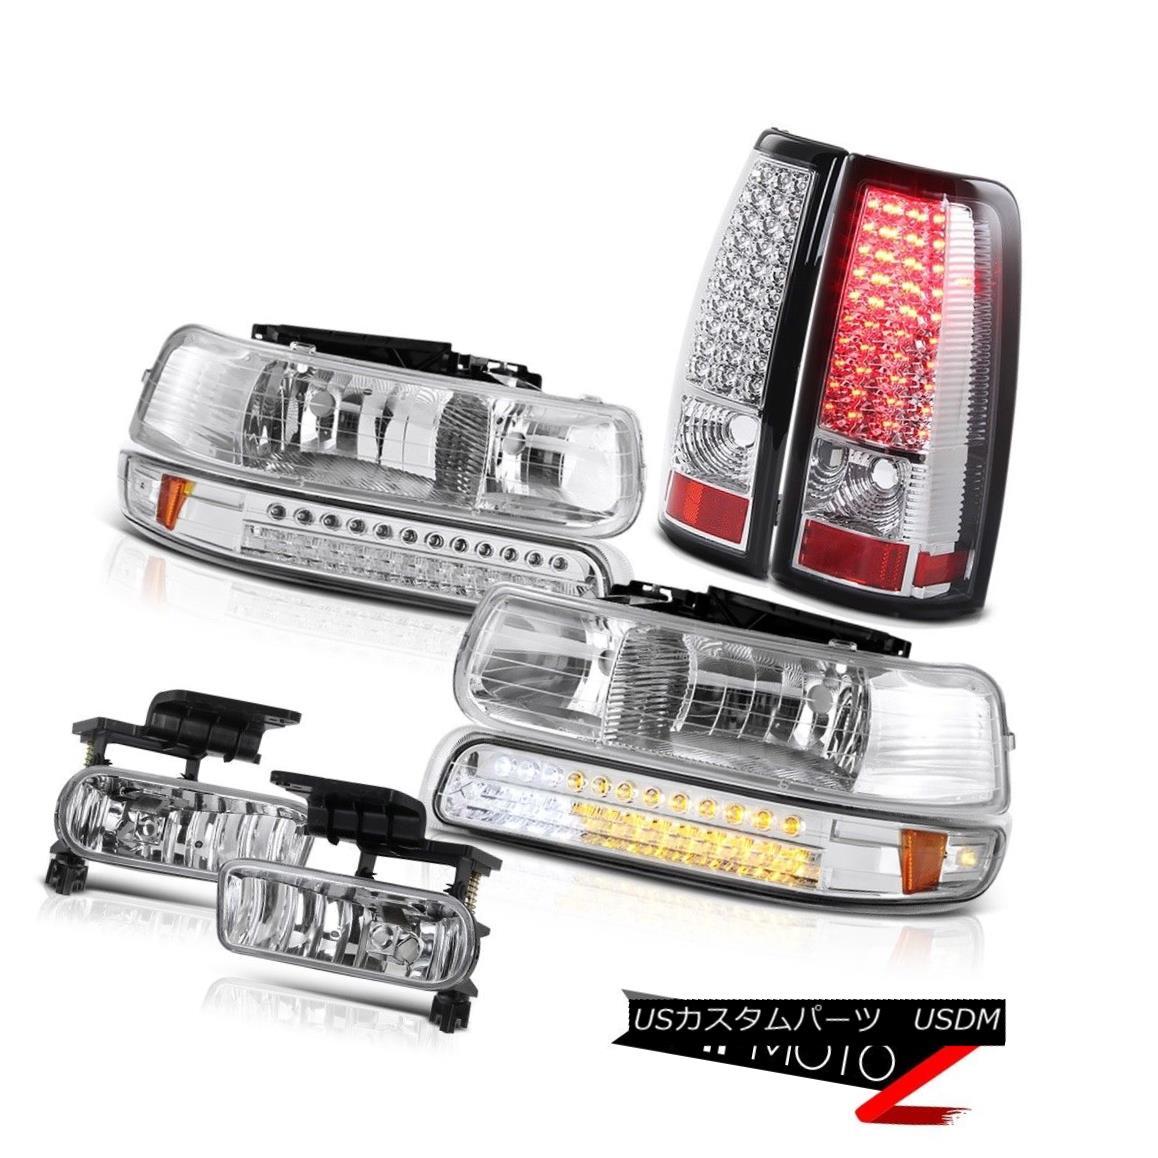 テールライト 1999 2000 Silverado Crystal LED Bumper Headlights Brake Taillights Driving Fog 1999 2000 SilveradoクリスタルLEDバンパーヘッドライトブレーキ尾灯ドライビングフォグ